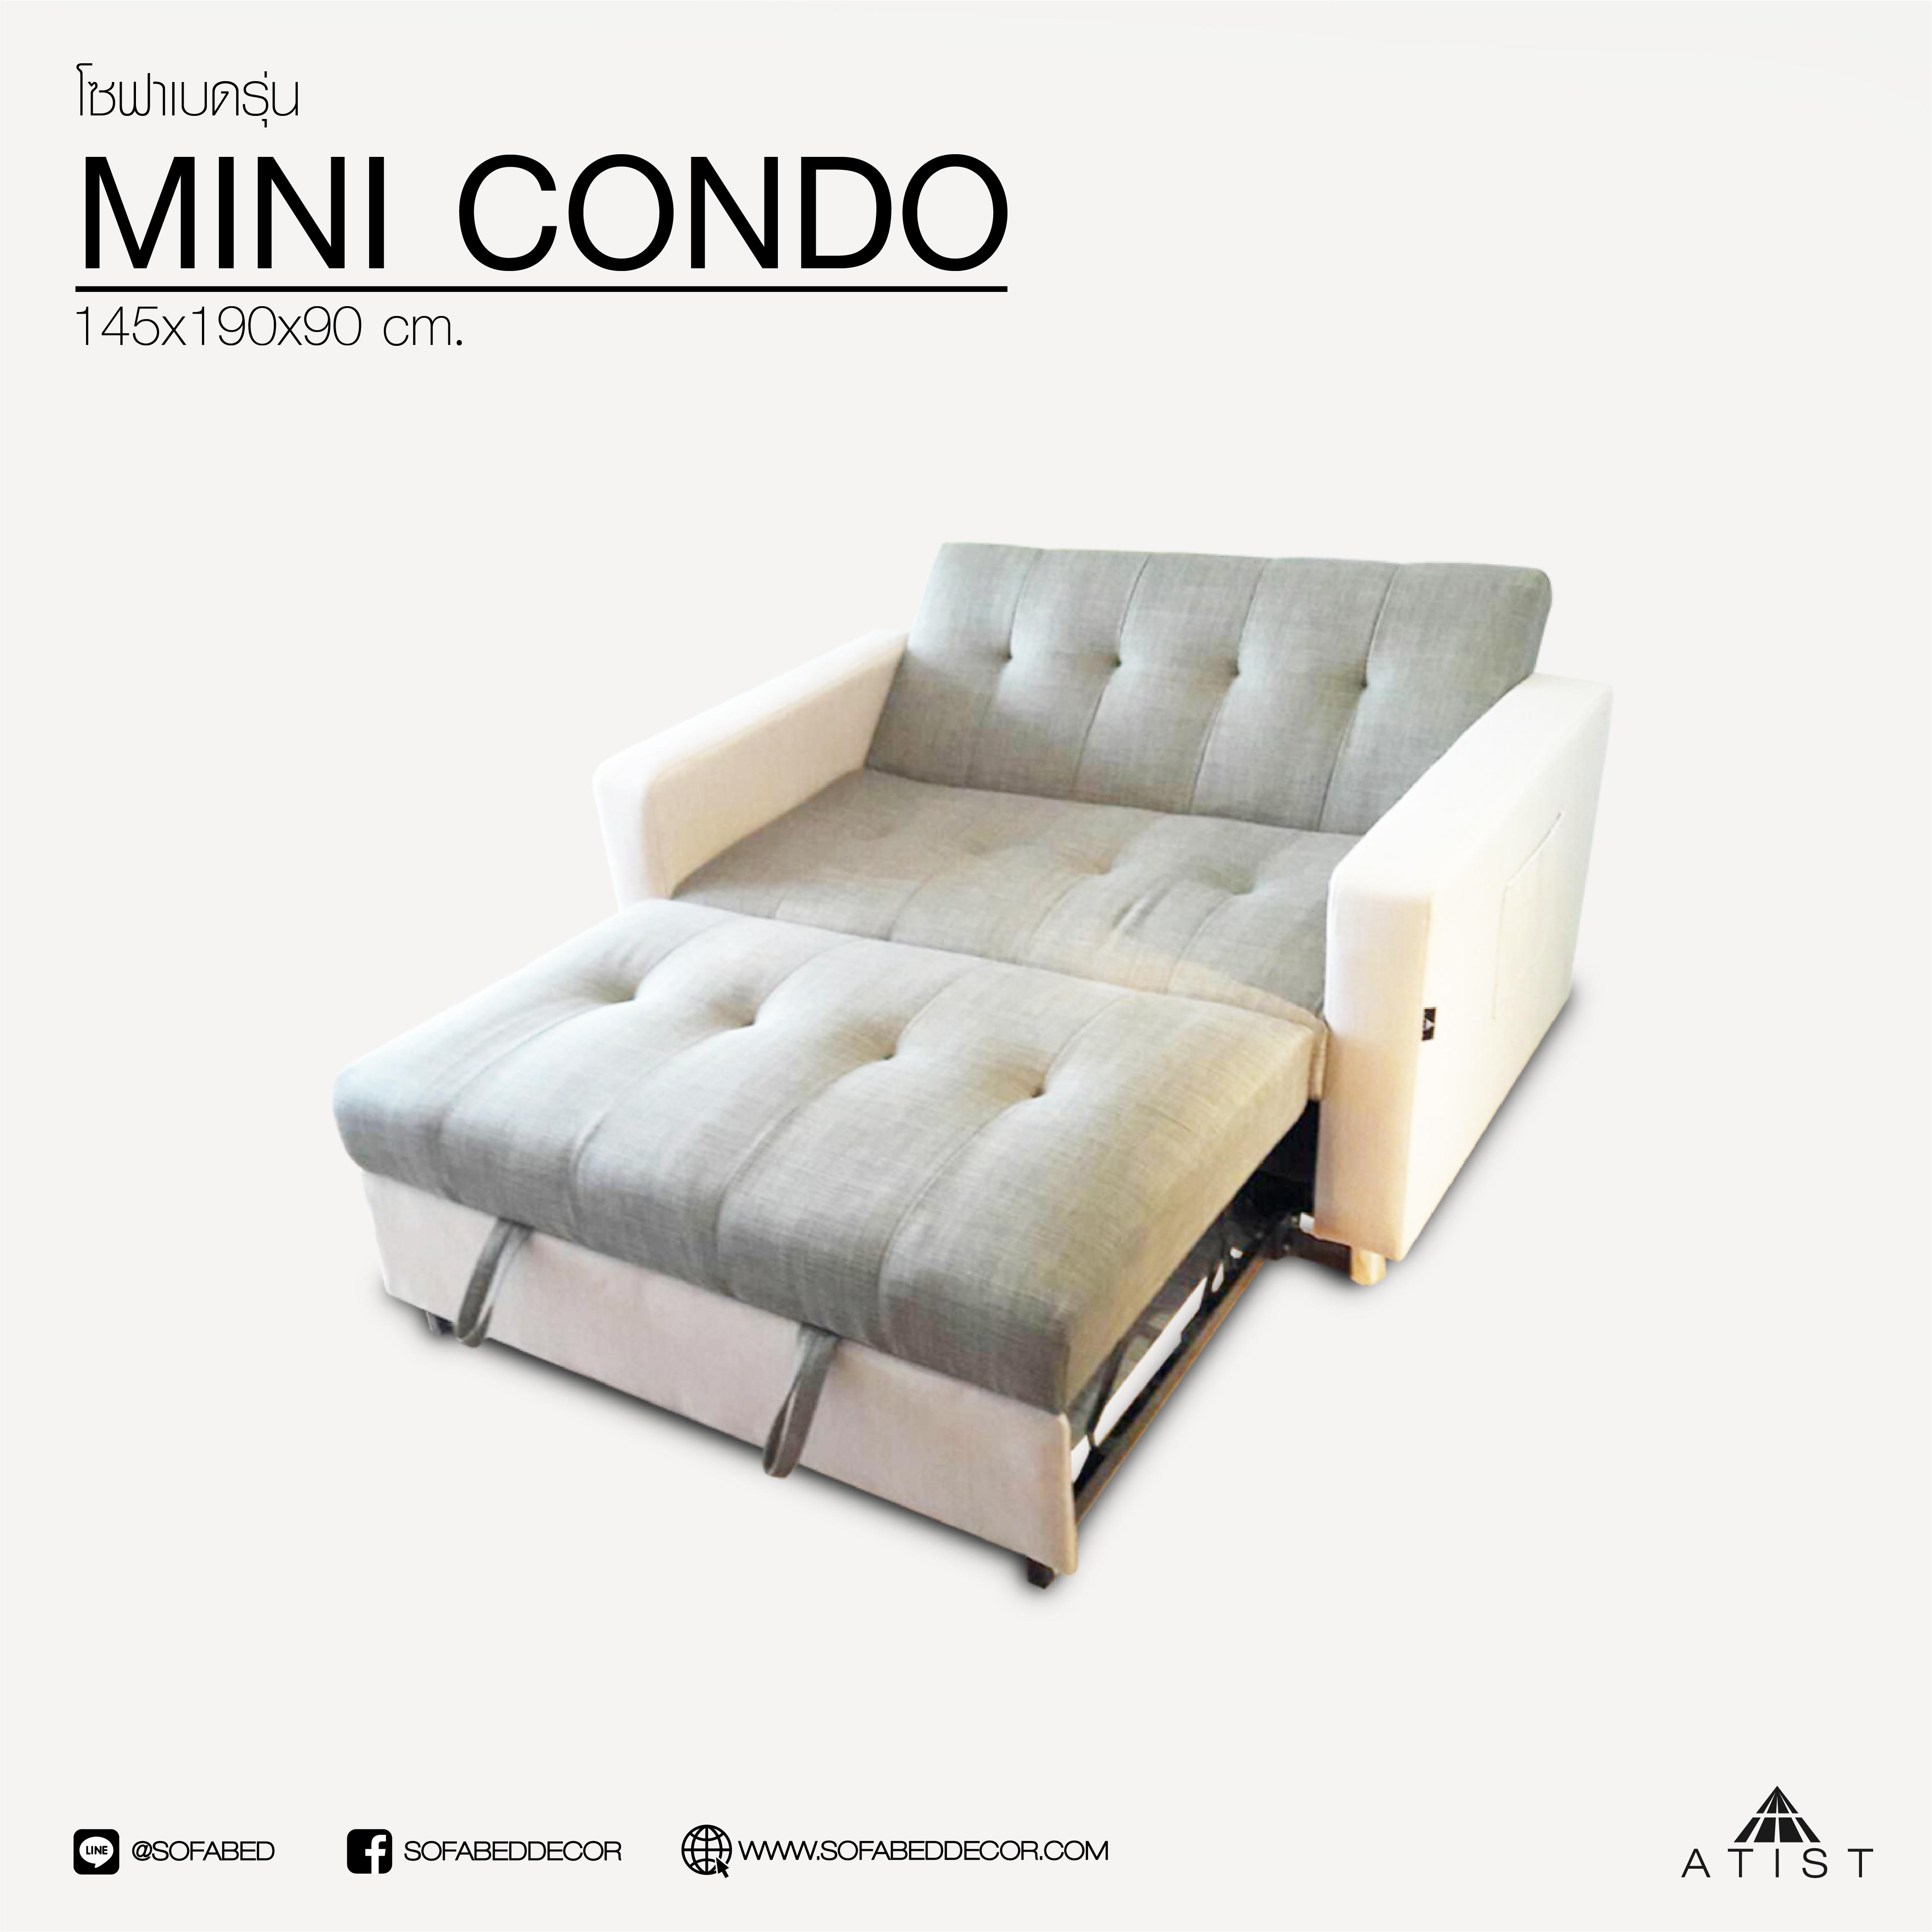 โซฟาเบด รุ่น MINI CONDO (มี 5 ขนาด) Sofa Bed ปรับนอนได้ ขนาดมาตรฐาน 145x190x90 cm